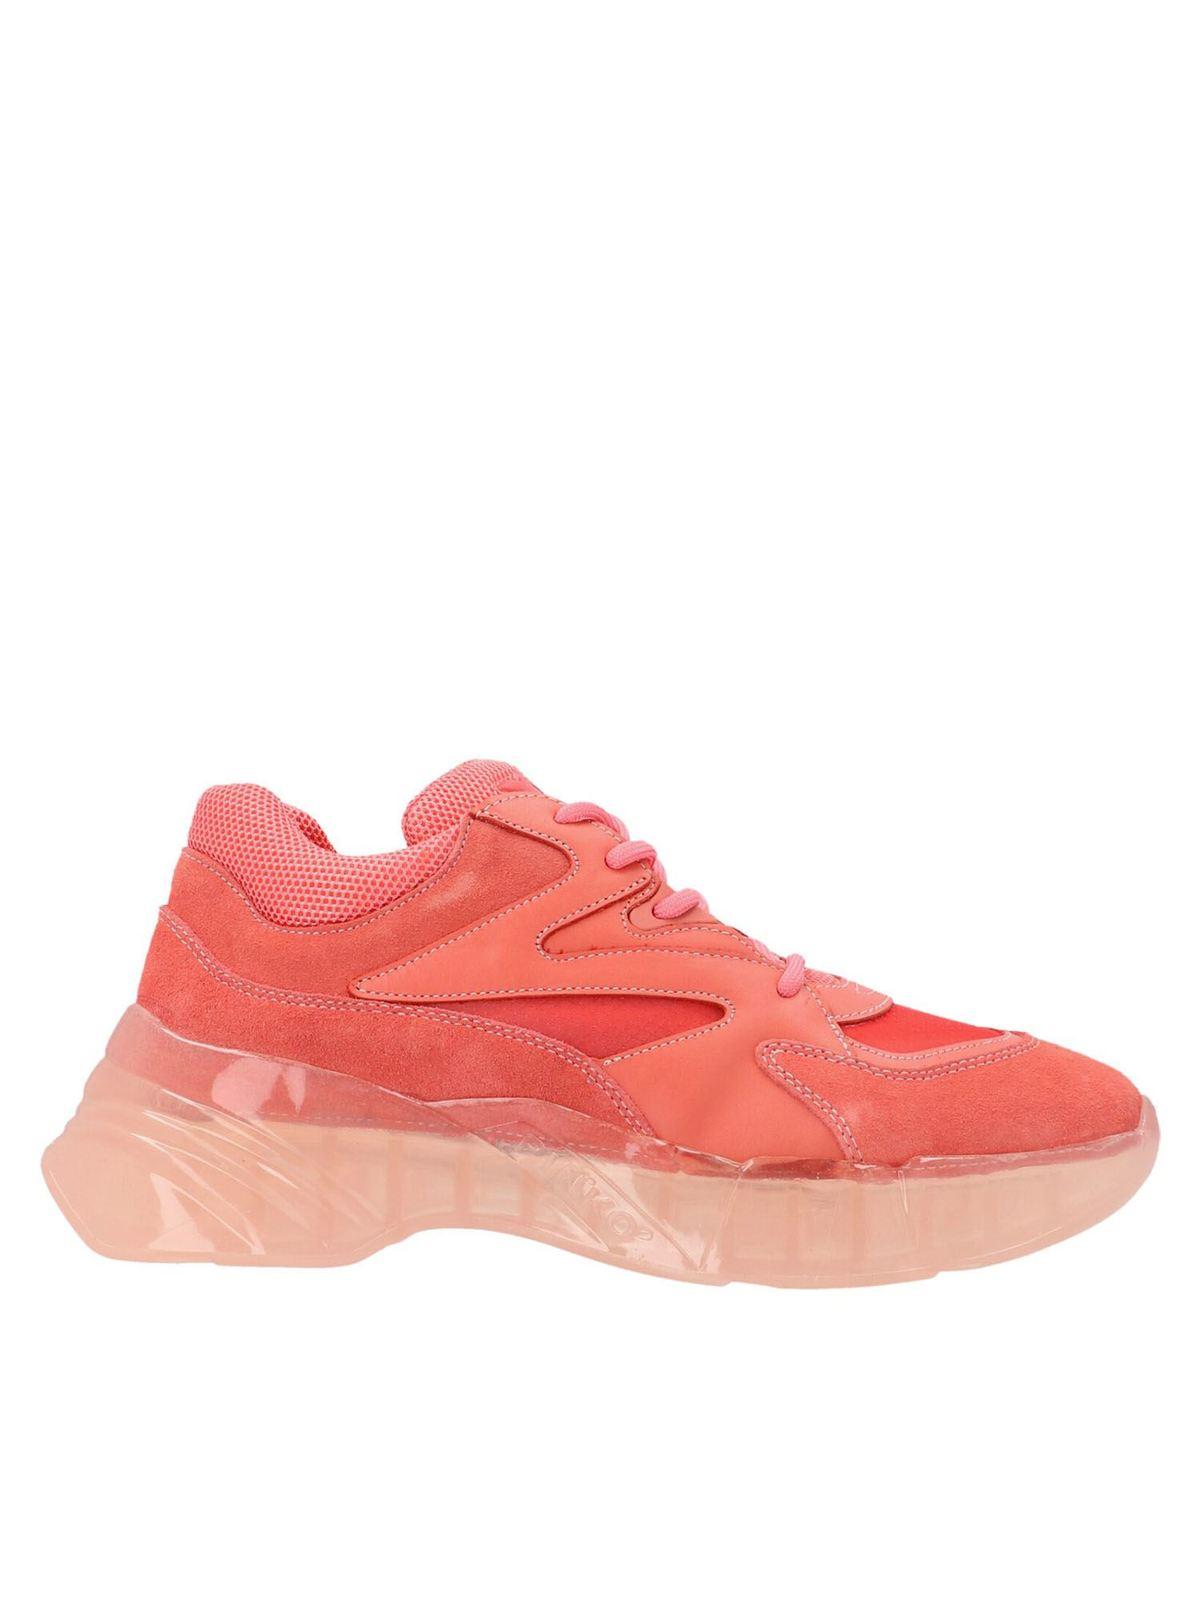 Pinko Leathers RUBINO 6 SNEAKERS IN PINK